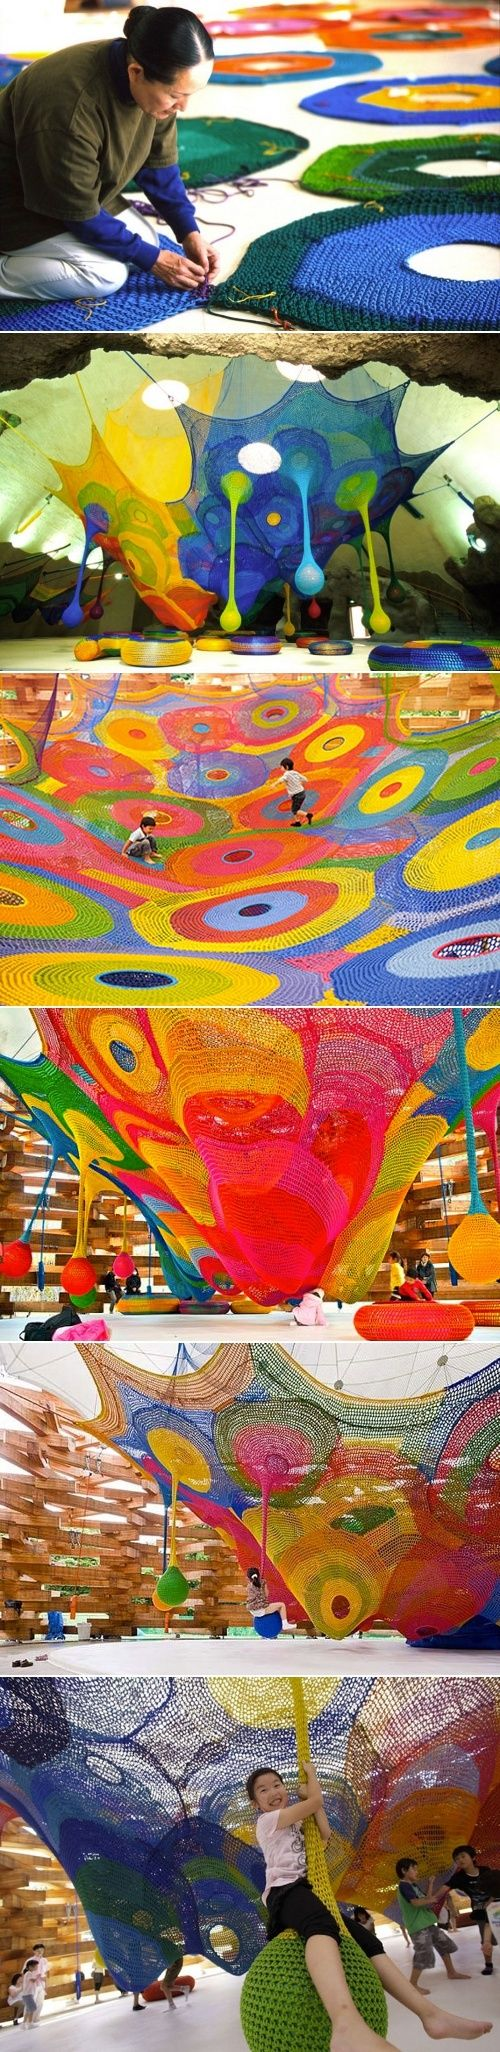 Toshiko Horiuchi-MacAdam, hand knitted play environments